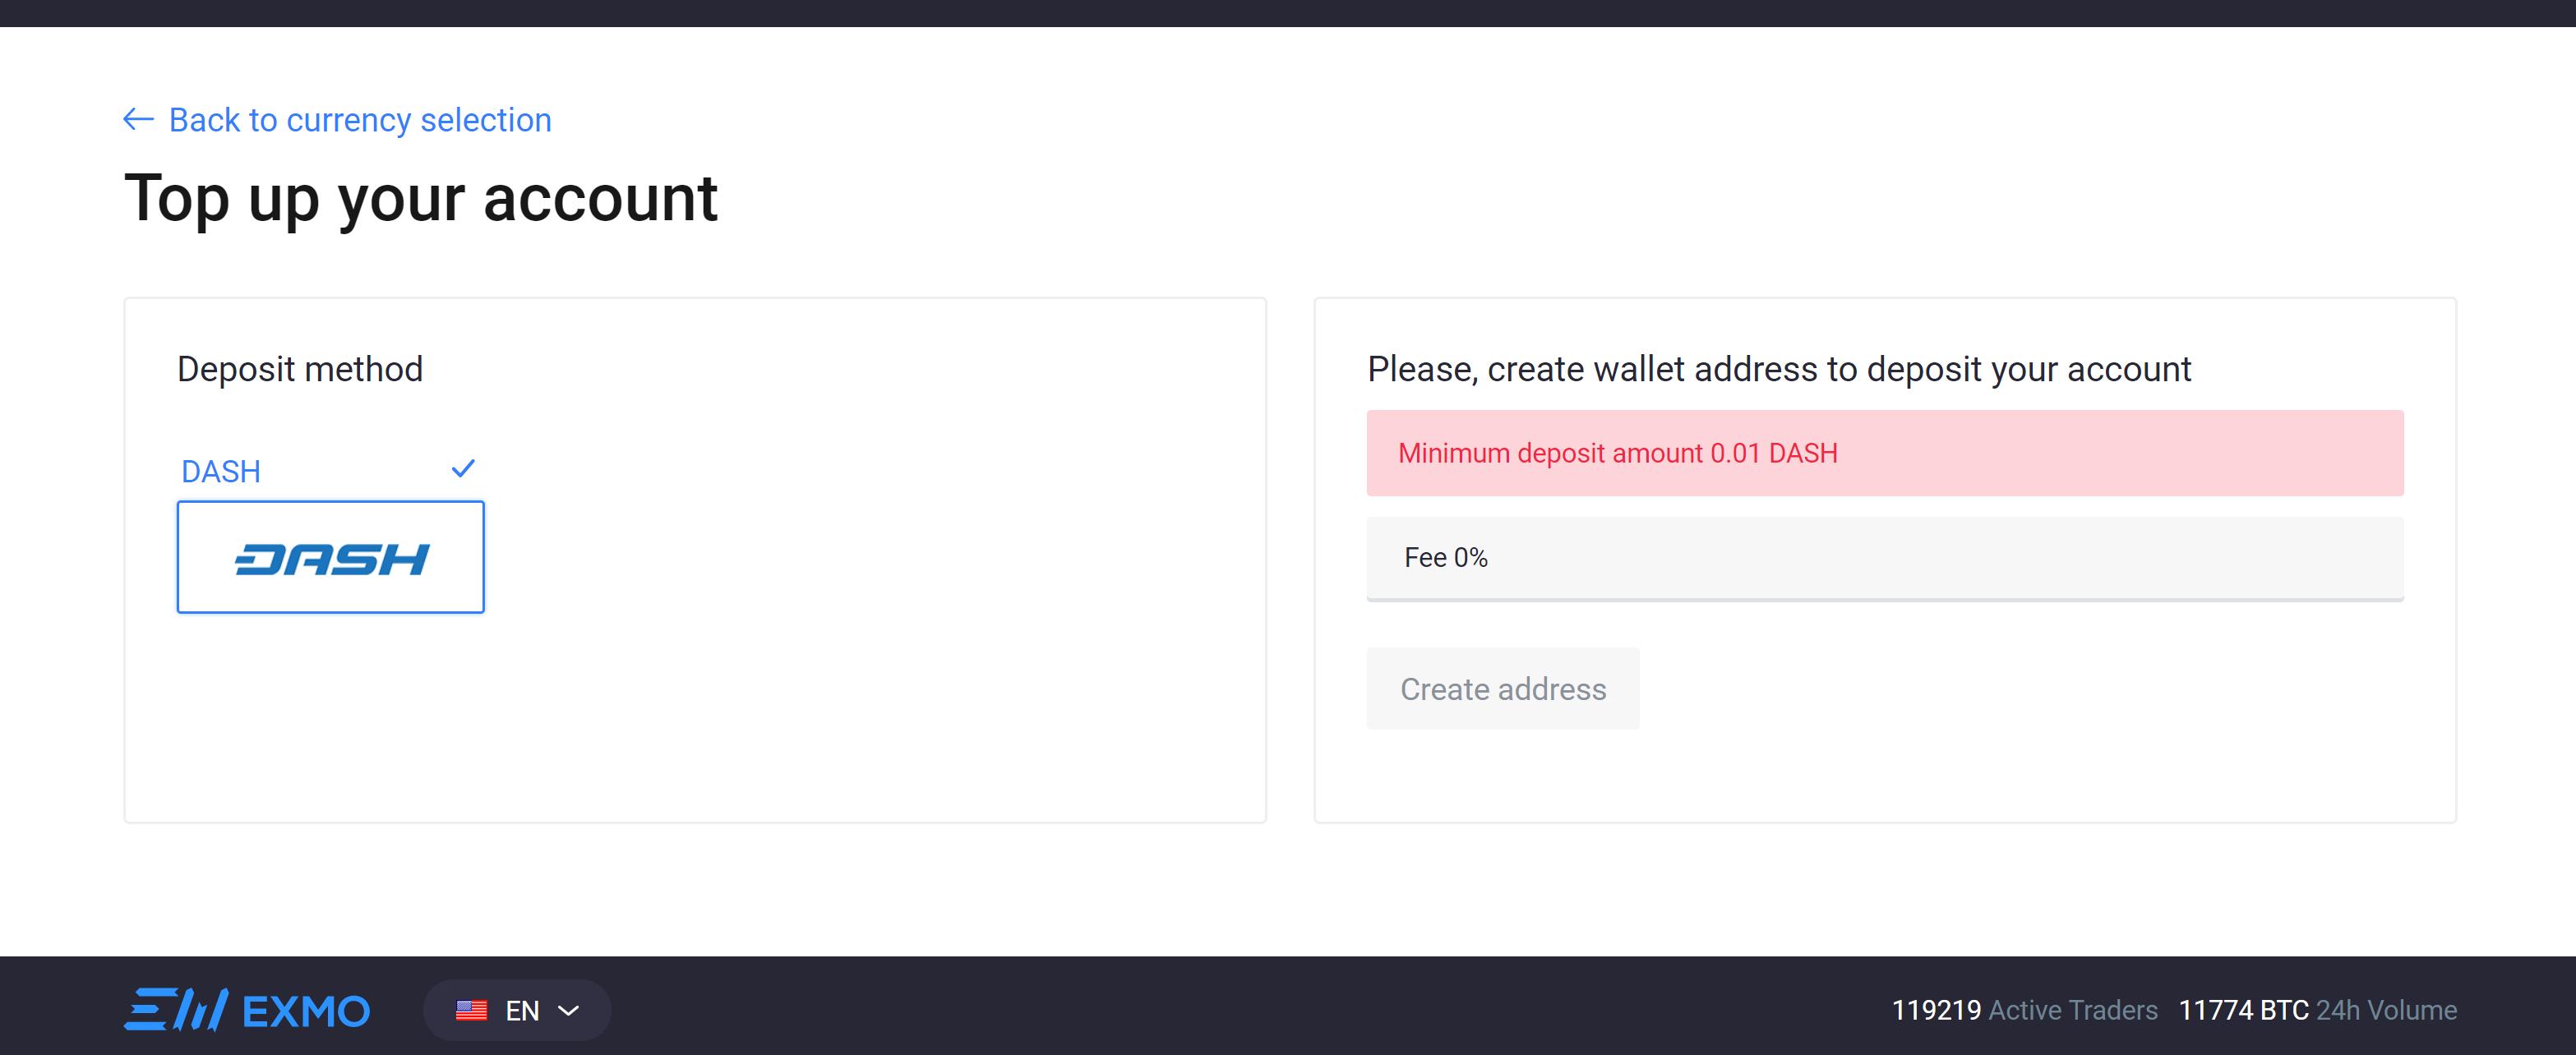 Bitkoinų išvedimas į kortelę, jei